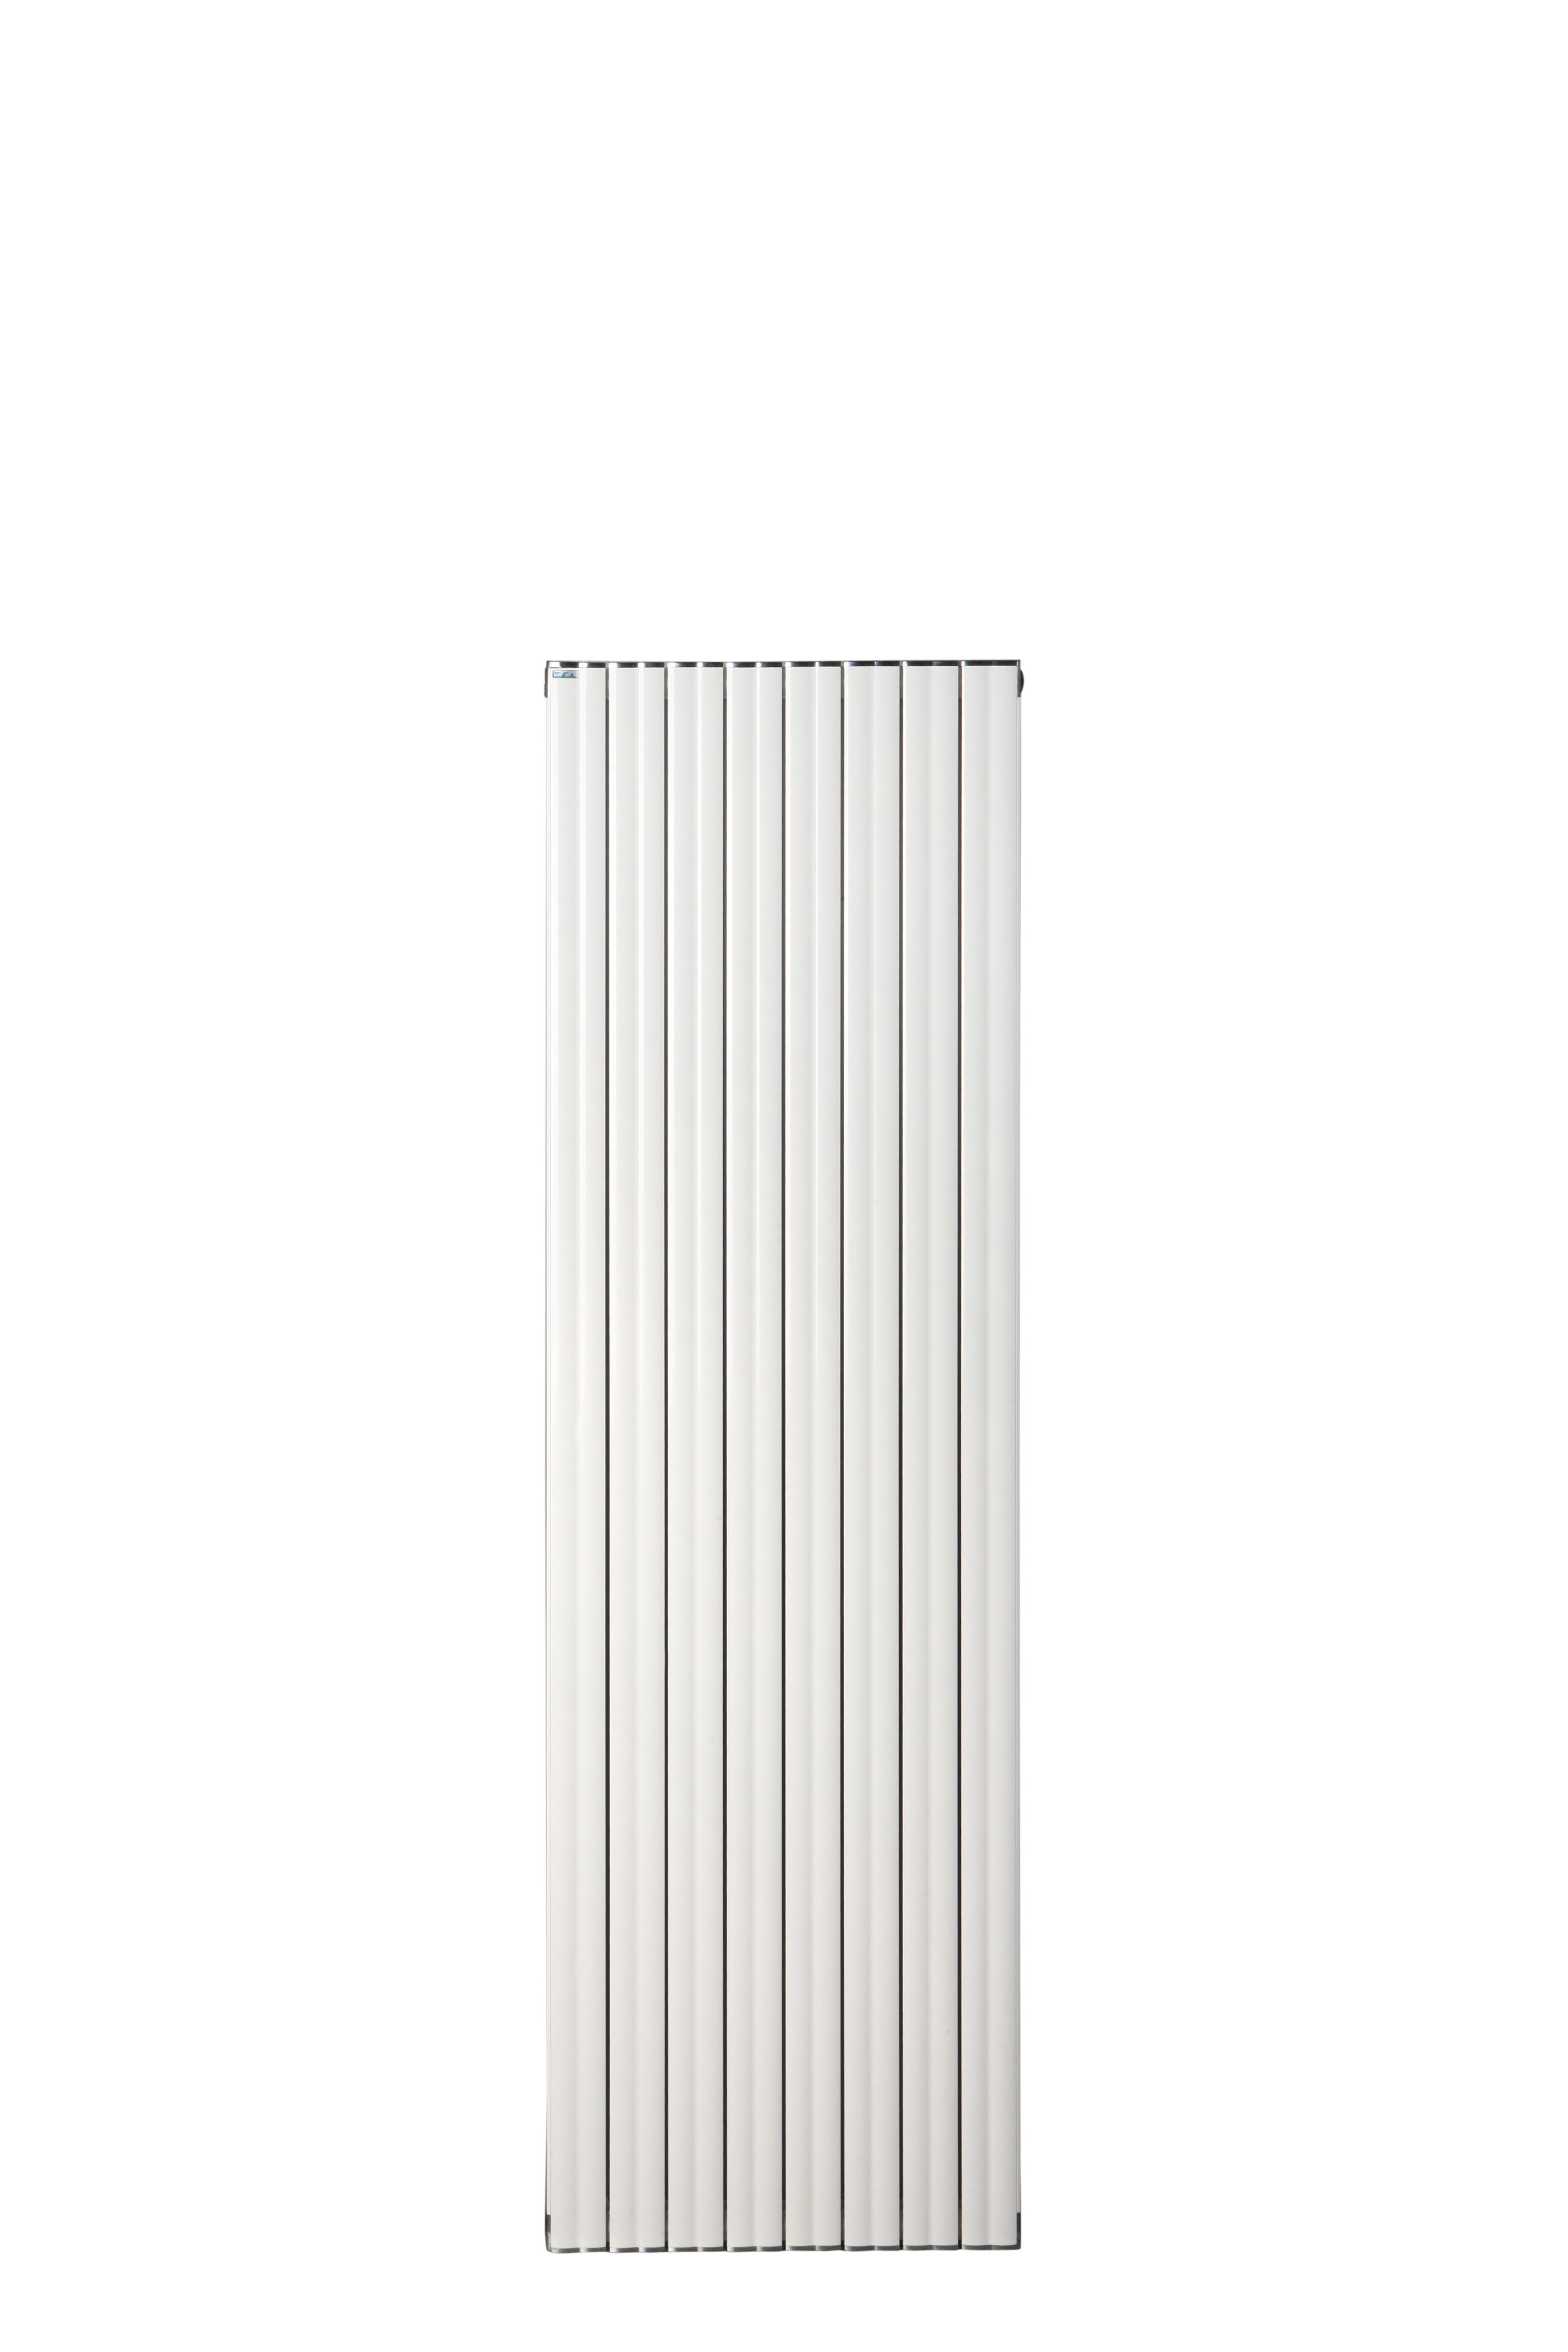 Alüminyum Radyatörler - Felice - 1108